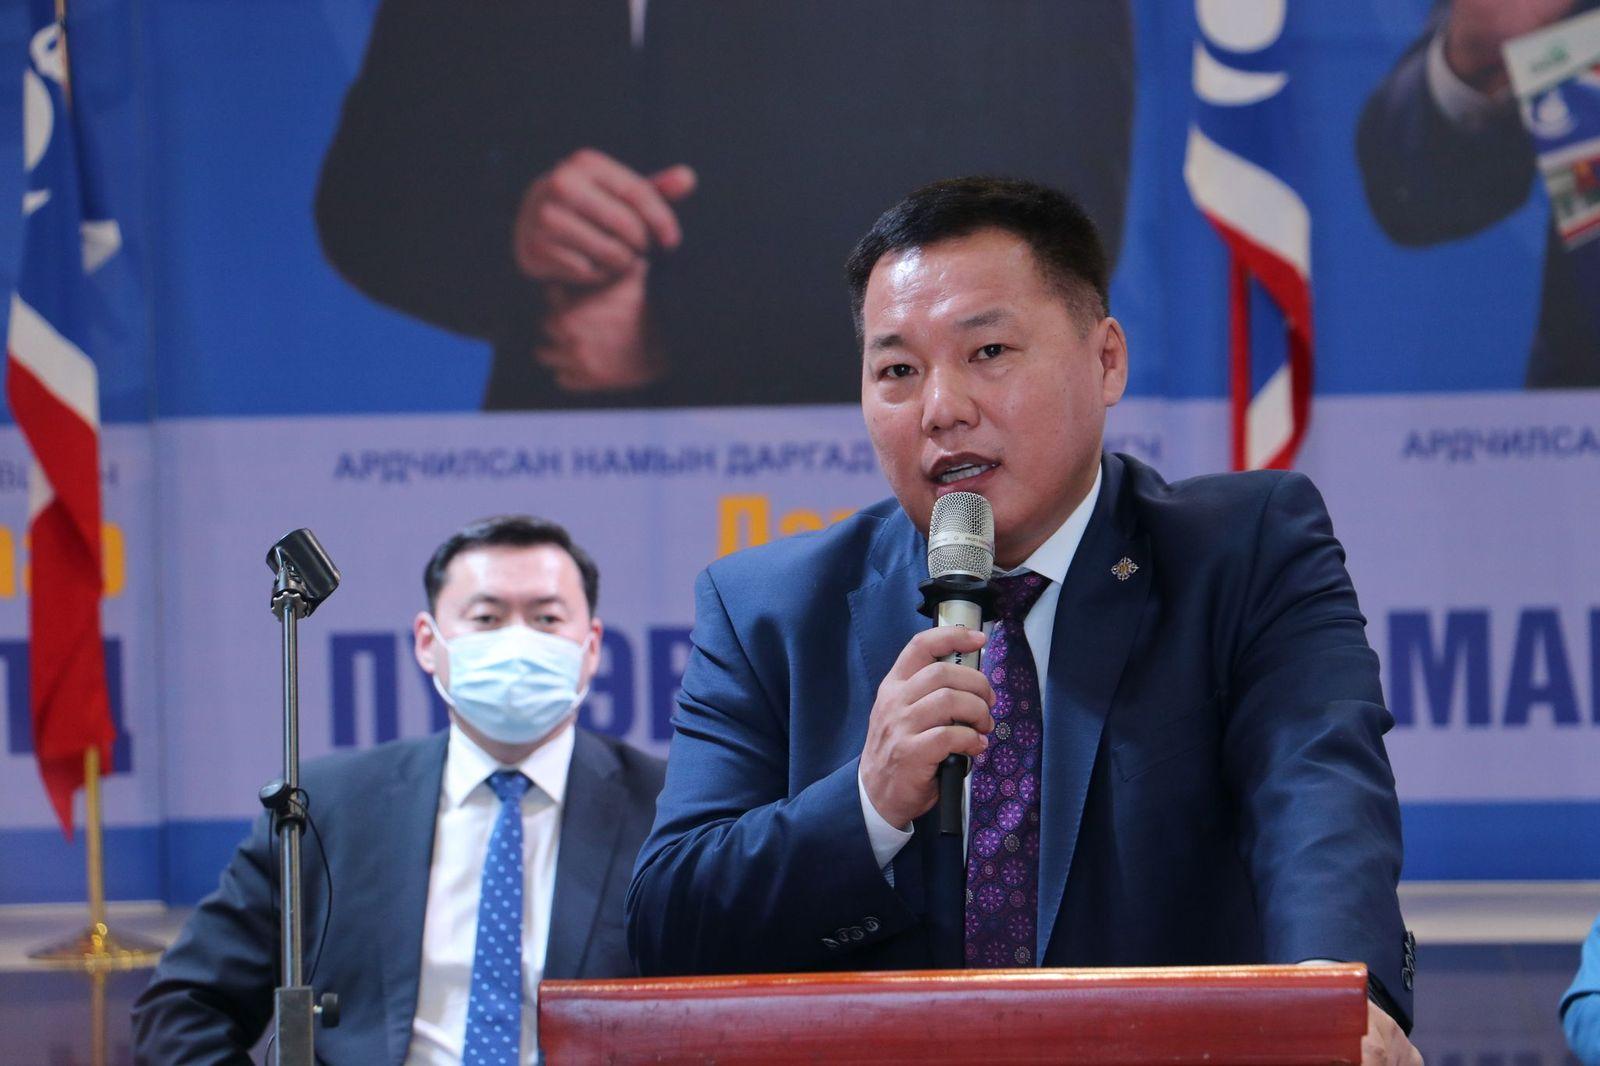 АН-ын даргын сонгуульд нэр дэвшигчид Говь-Алтай, Говьсүмбэр, Баян-Өлгий аймгийн гишүүд, дэмжигчидтэй цахимаар уулзлаа